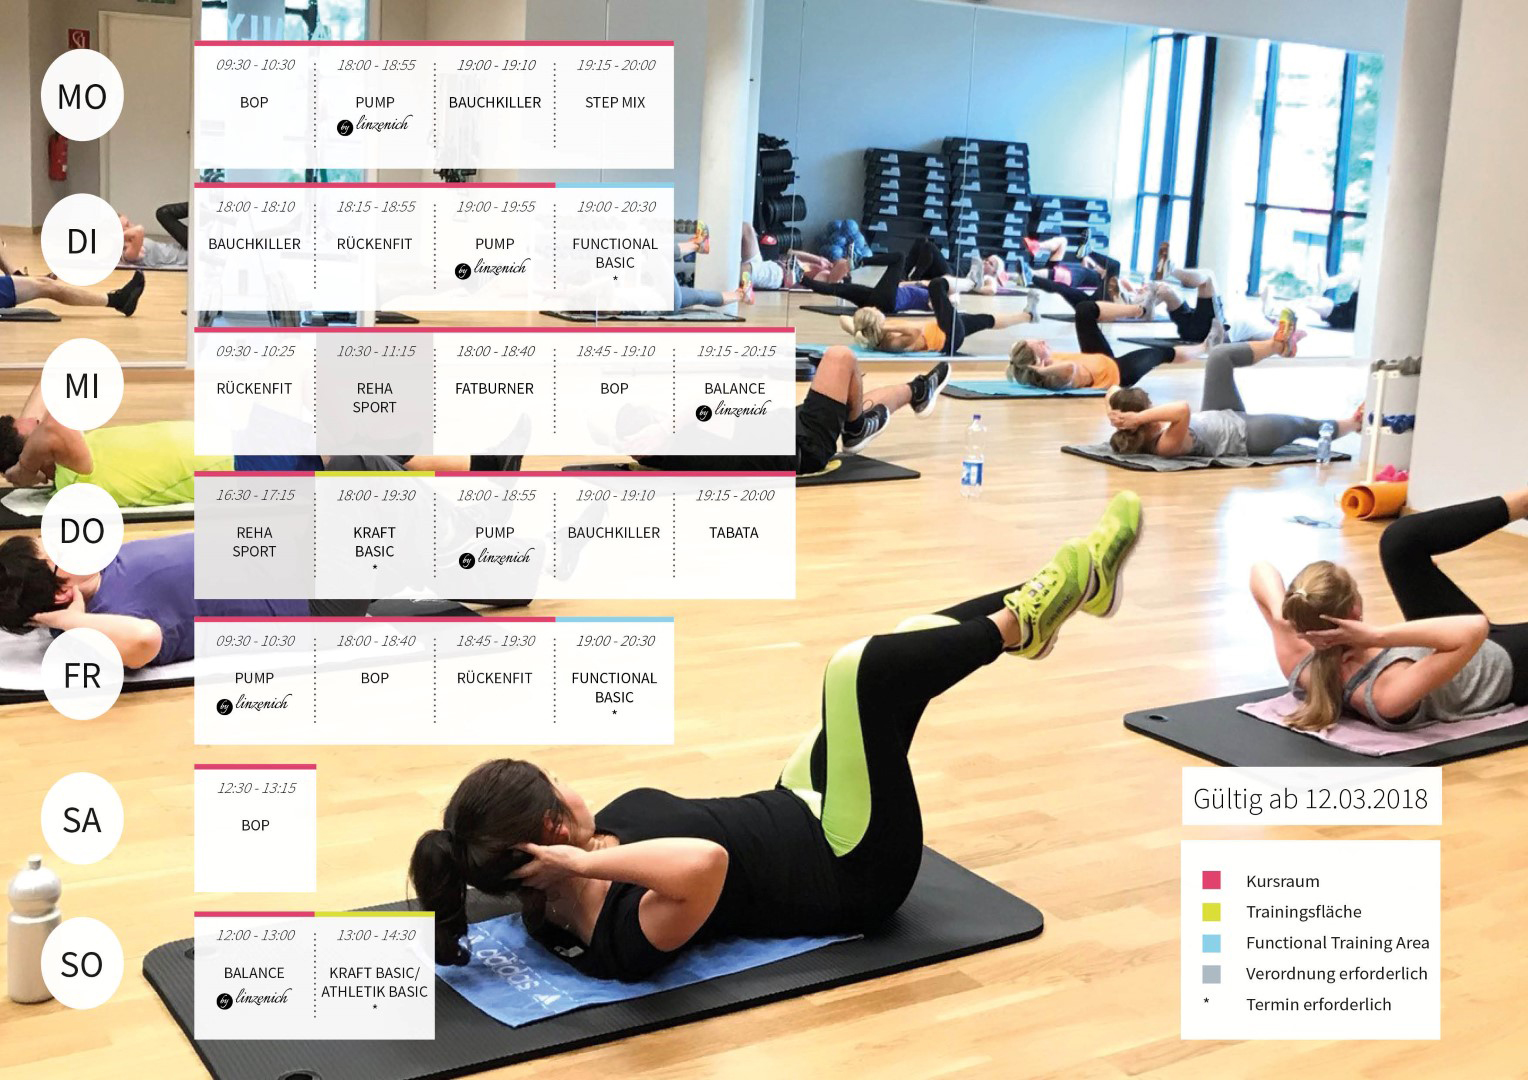 Auf dem Bild wird der Kursplan vom FAMILY Fitness Club in Siegburg gezeigt